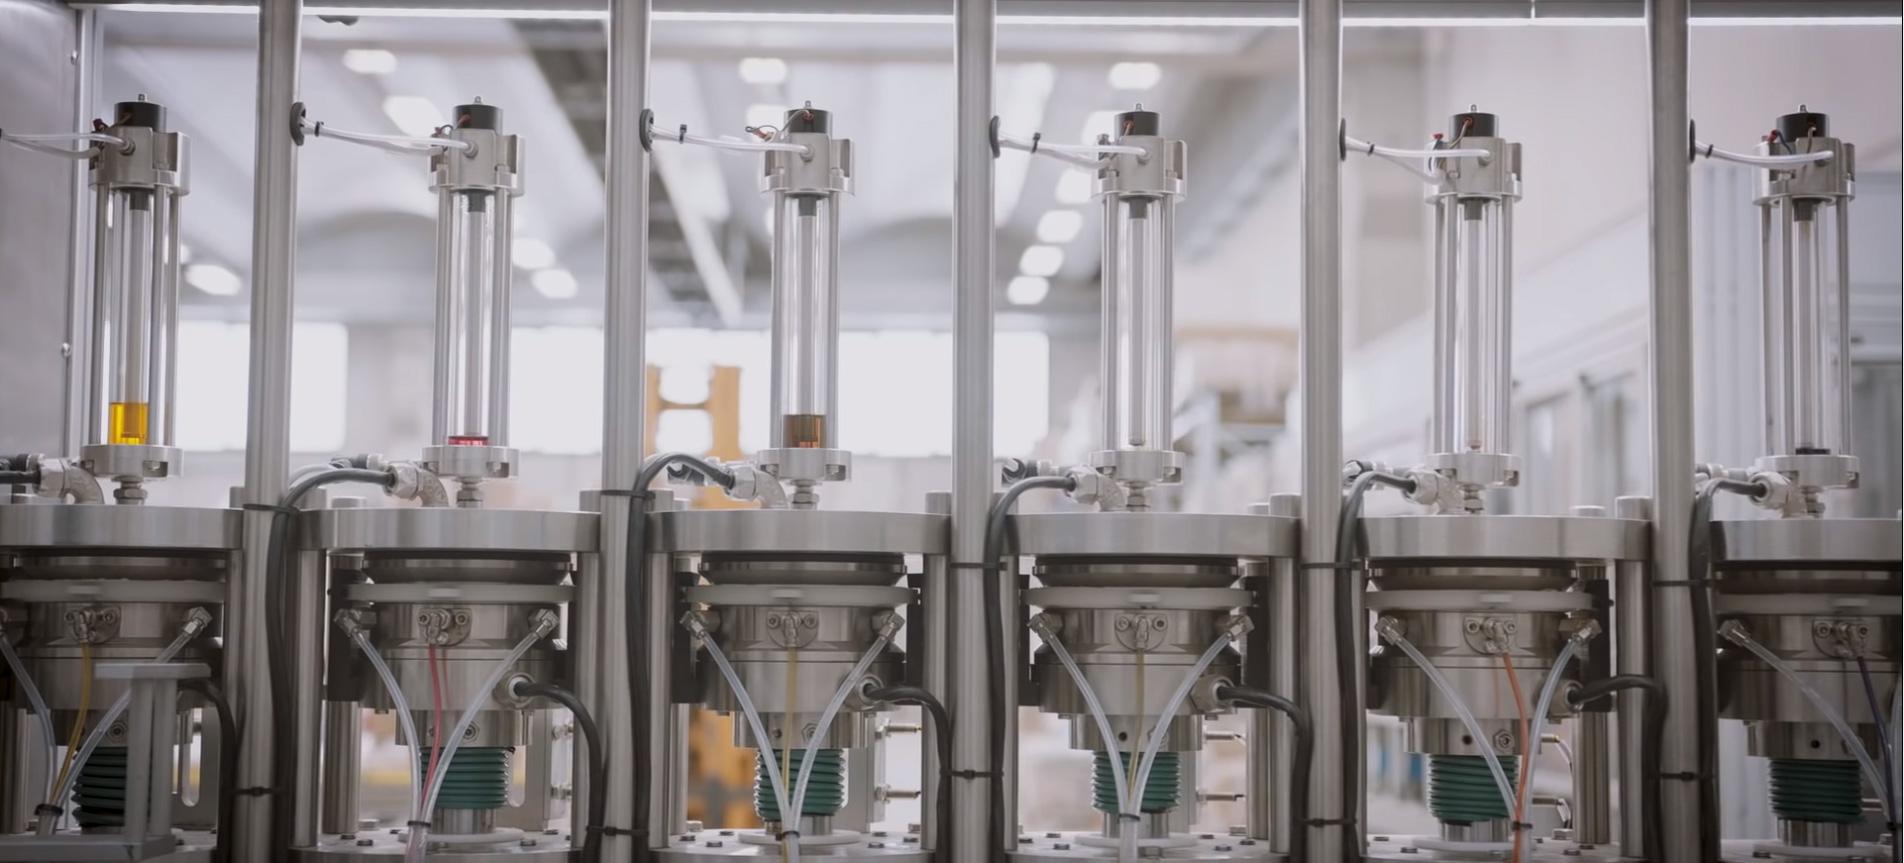 Sistemi automatici di dosaggio made in italy Colorservice